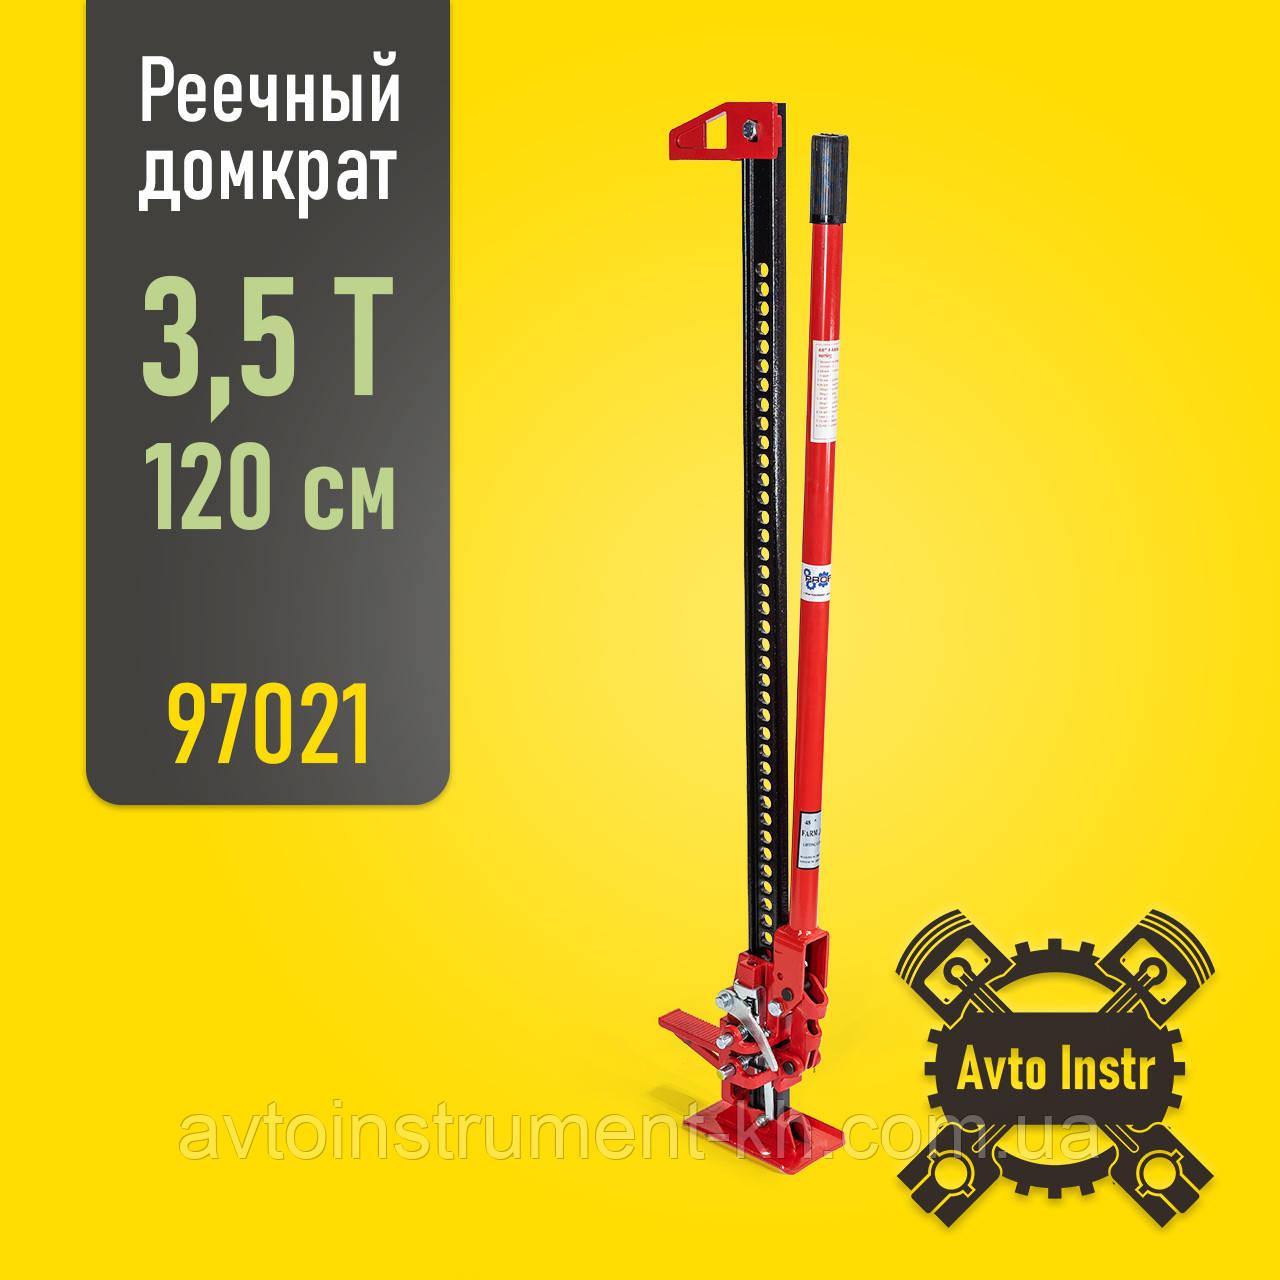 Домкрат реечный 3 т 154-1070 мм Profline 97021